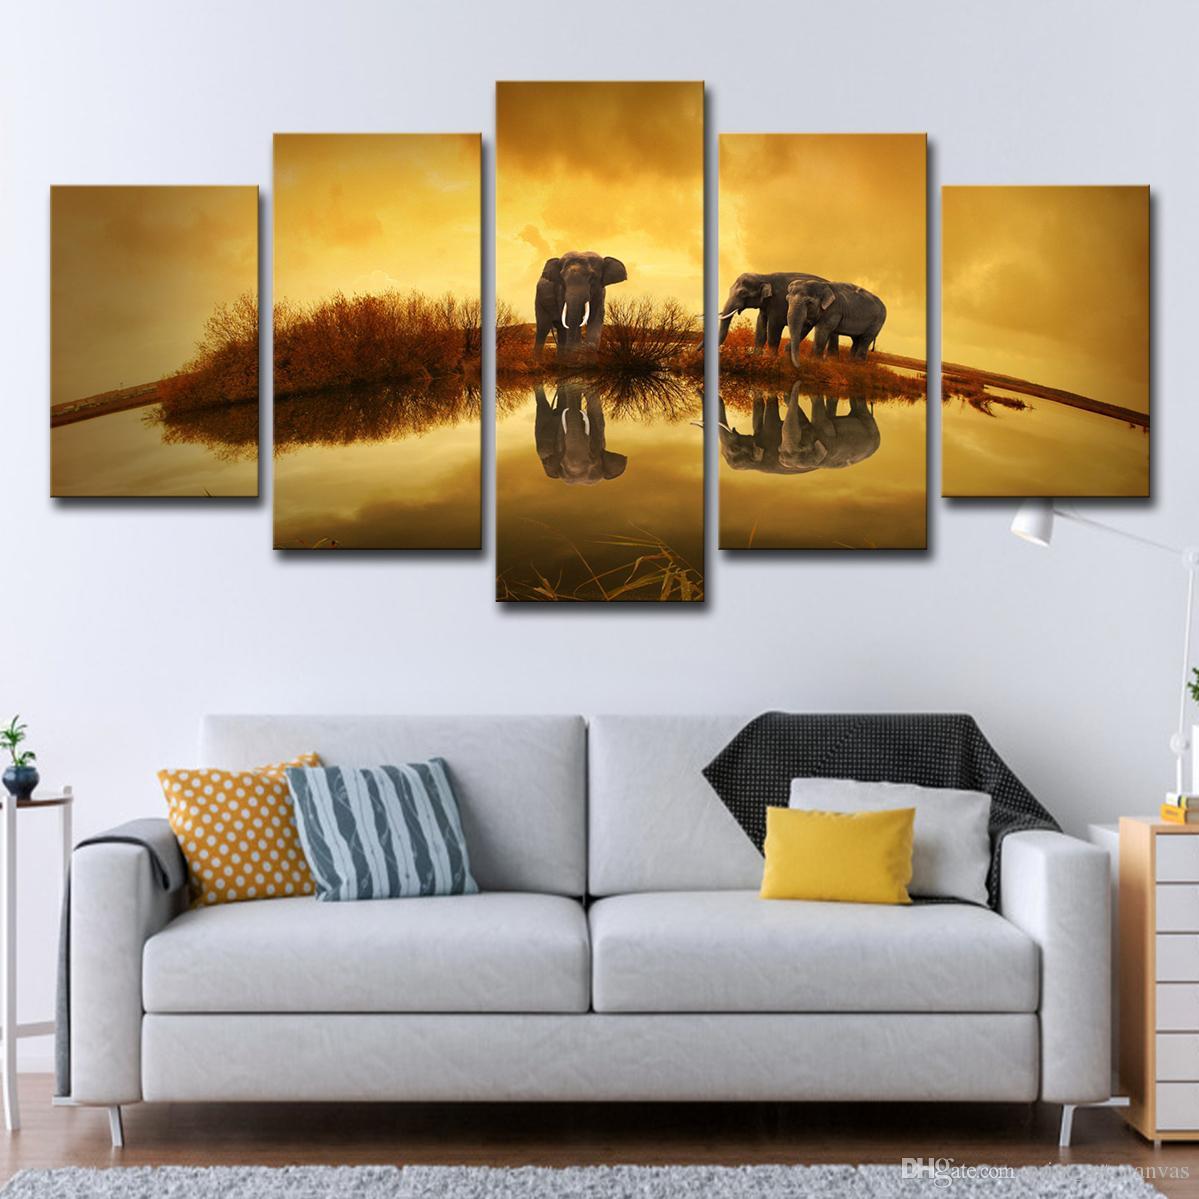 Chihie Moderne Mur Art Toile Photos pour Salon 5 Pi/èces Bord de Mer Coucher du Soleil Peinture D/écor /À La Maison Modulaire Animal Dauphin Poster 20x35cmx2 20x45cmx2 20x55cmx1 Pas de Cadre